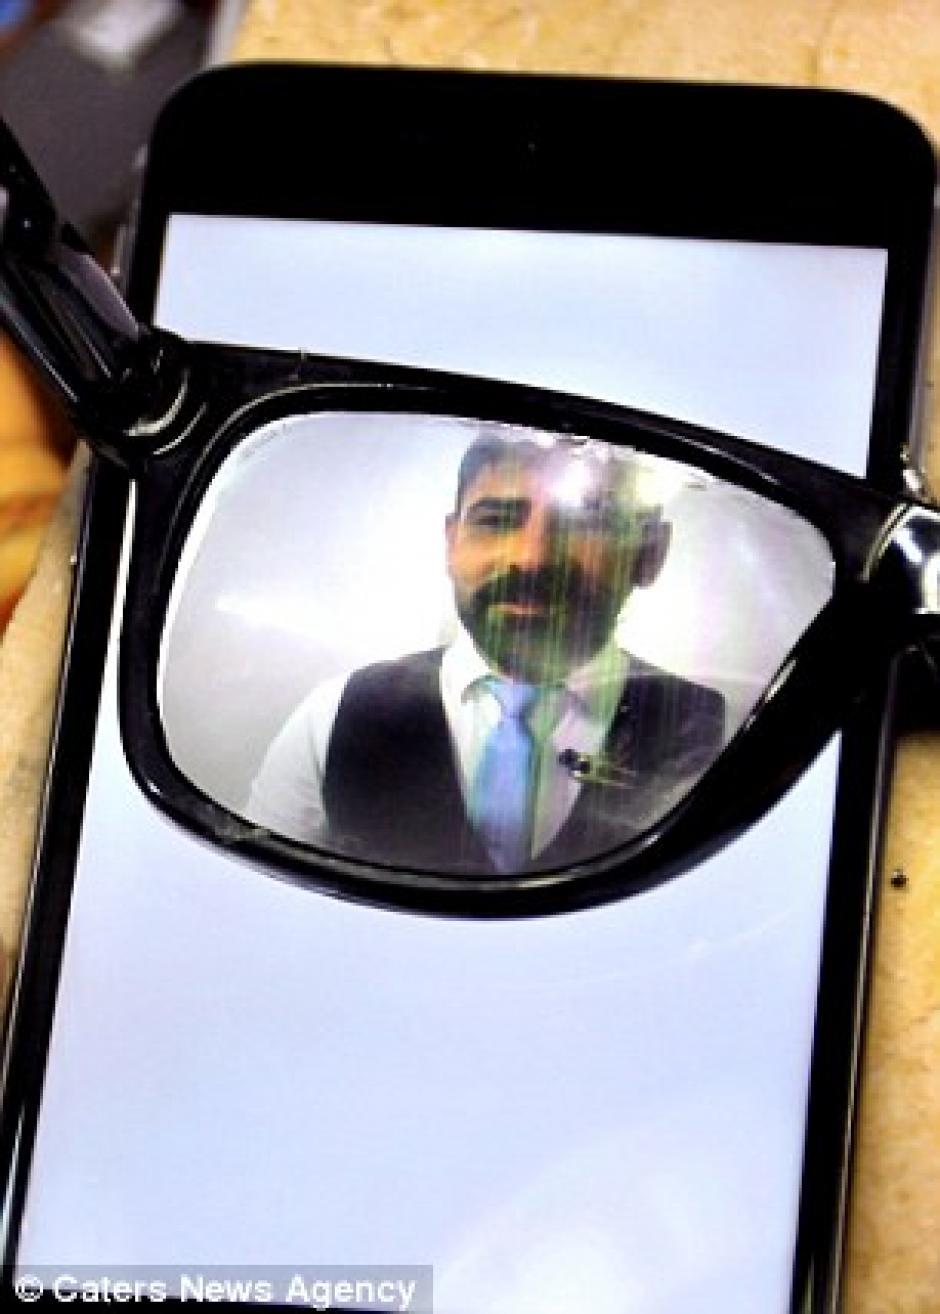 Para poder leer lo que aparece en la pantalla debes tener unas gafas especiales. (Foto: techworm)